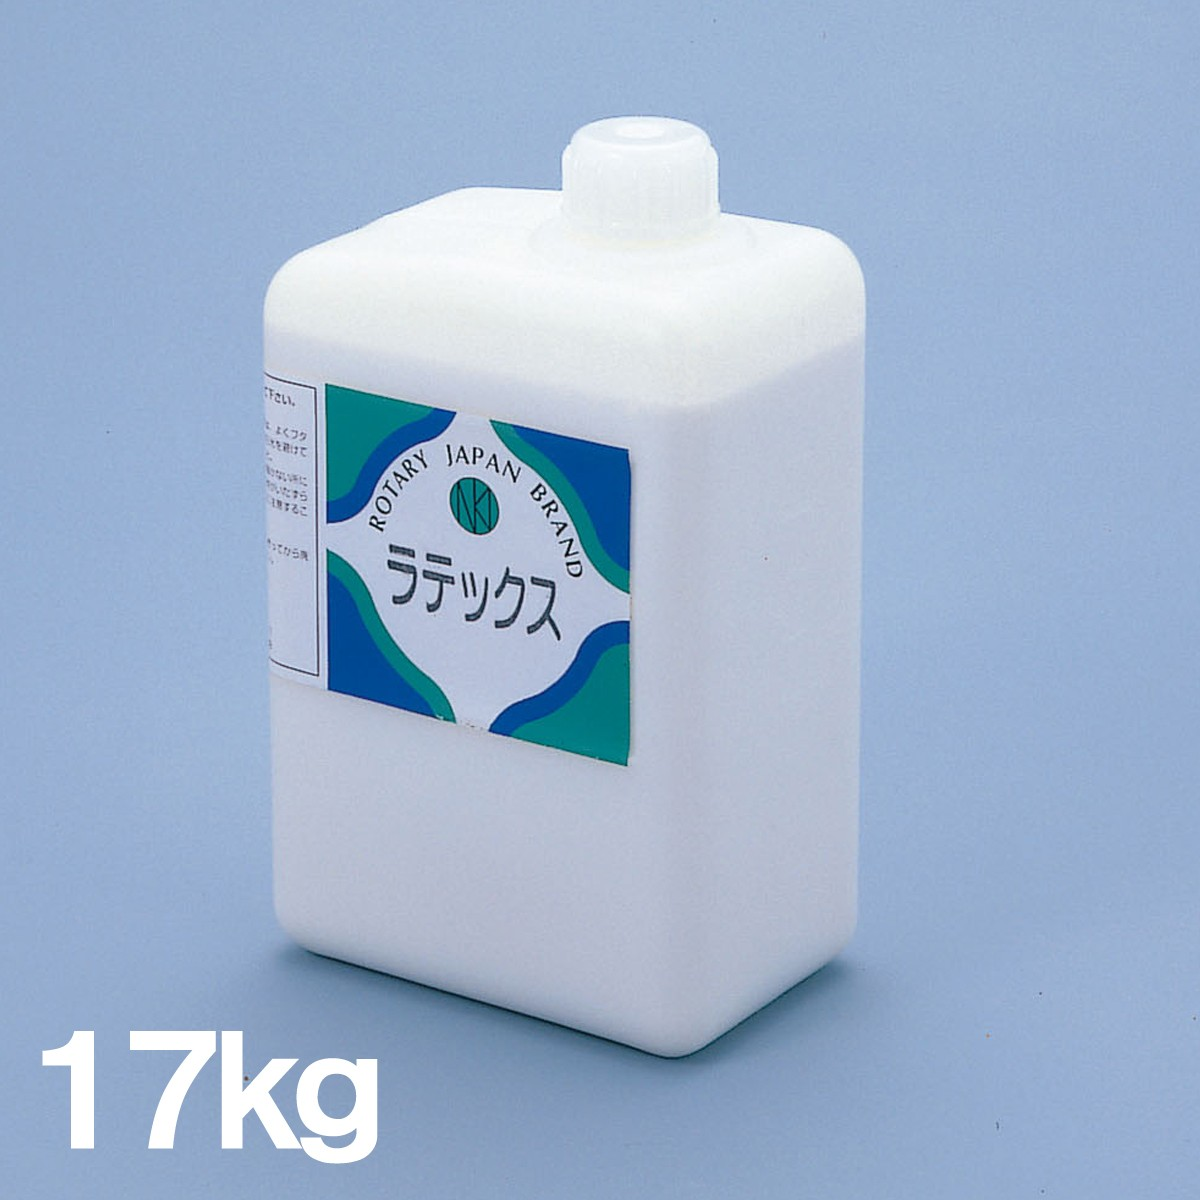 ラテックス 17kg 【 ラテックス 造形 ゴム液 】